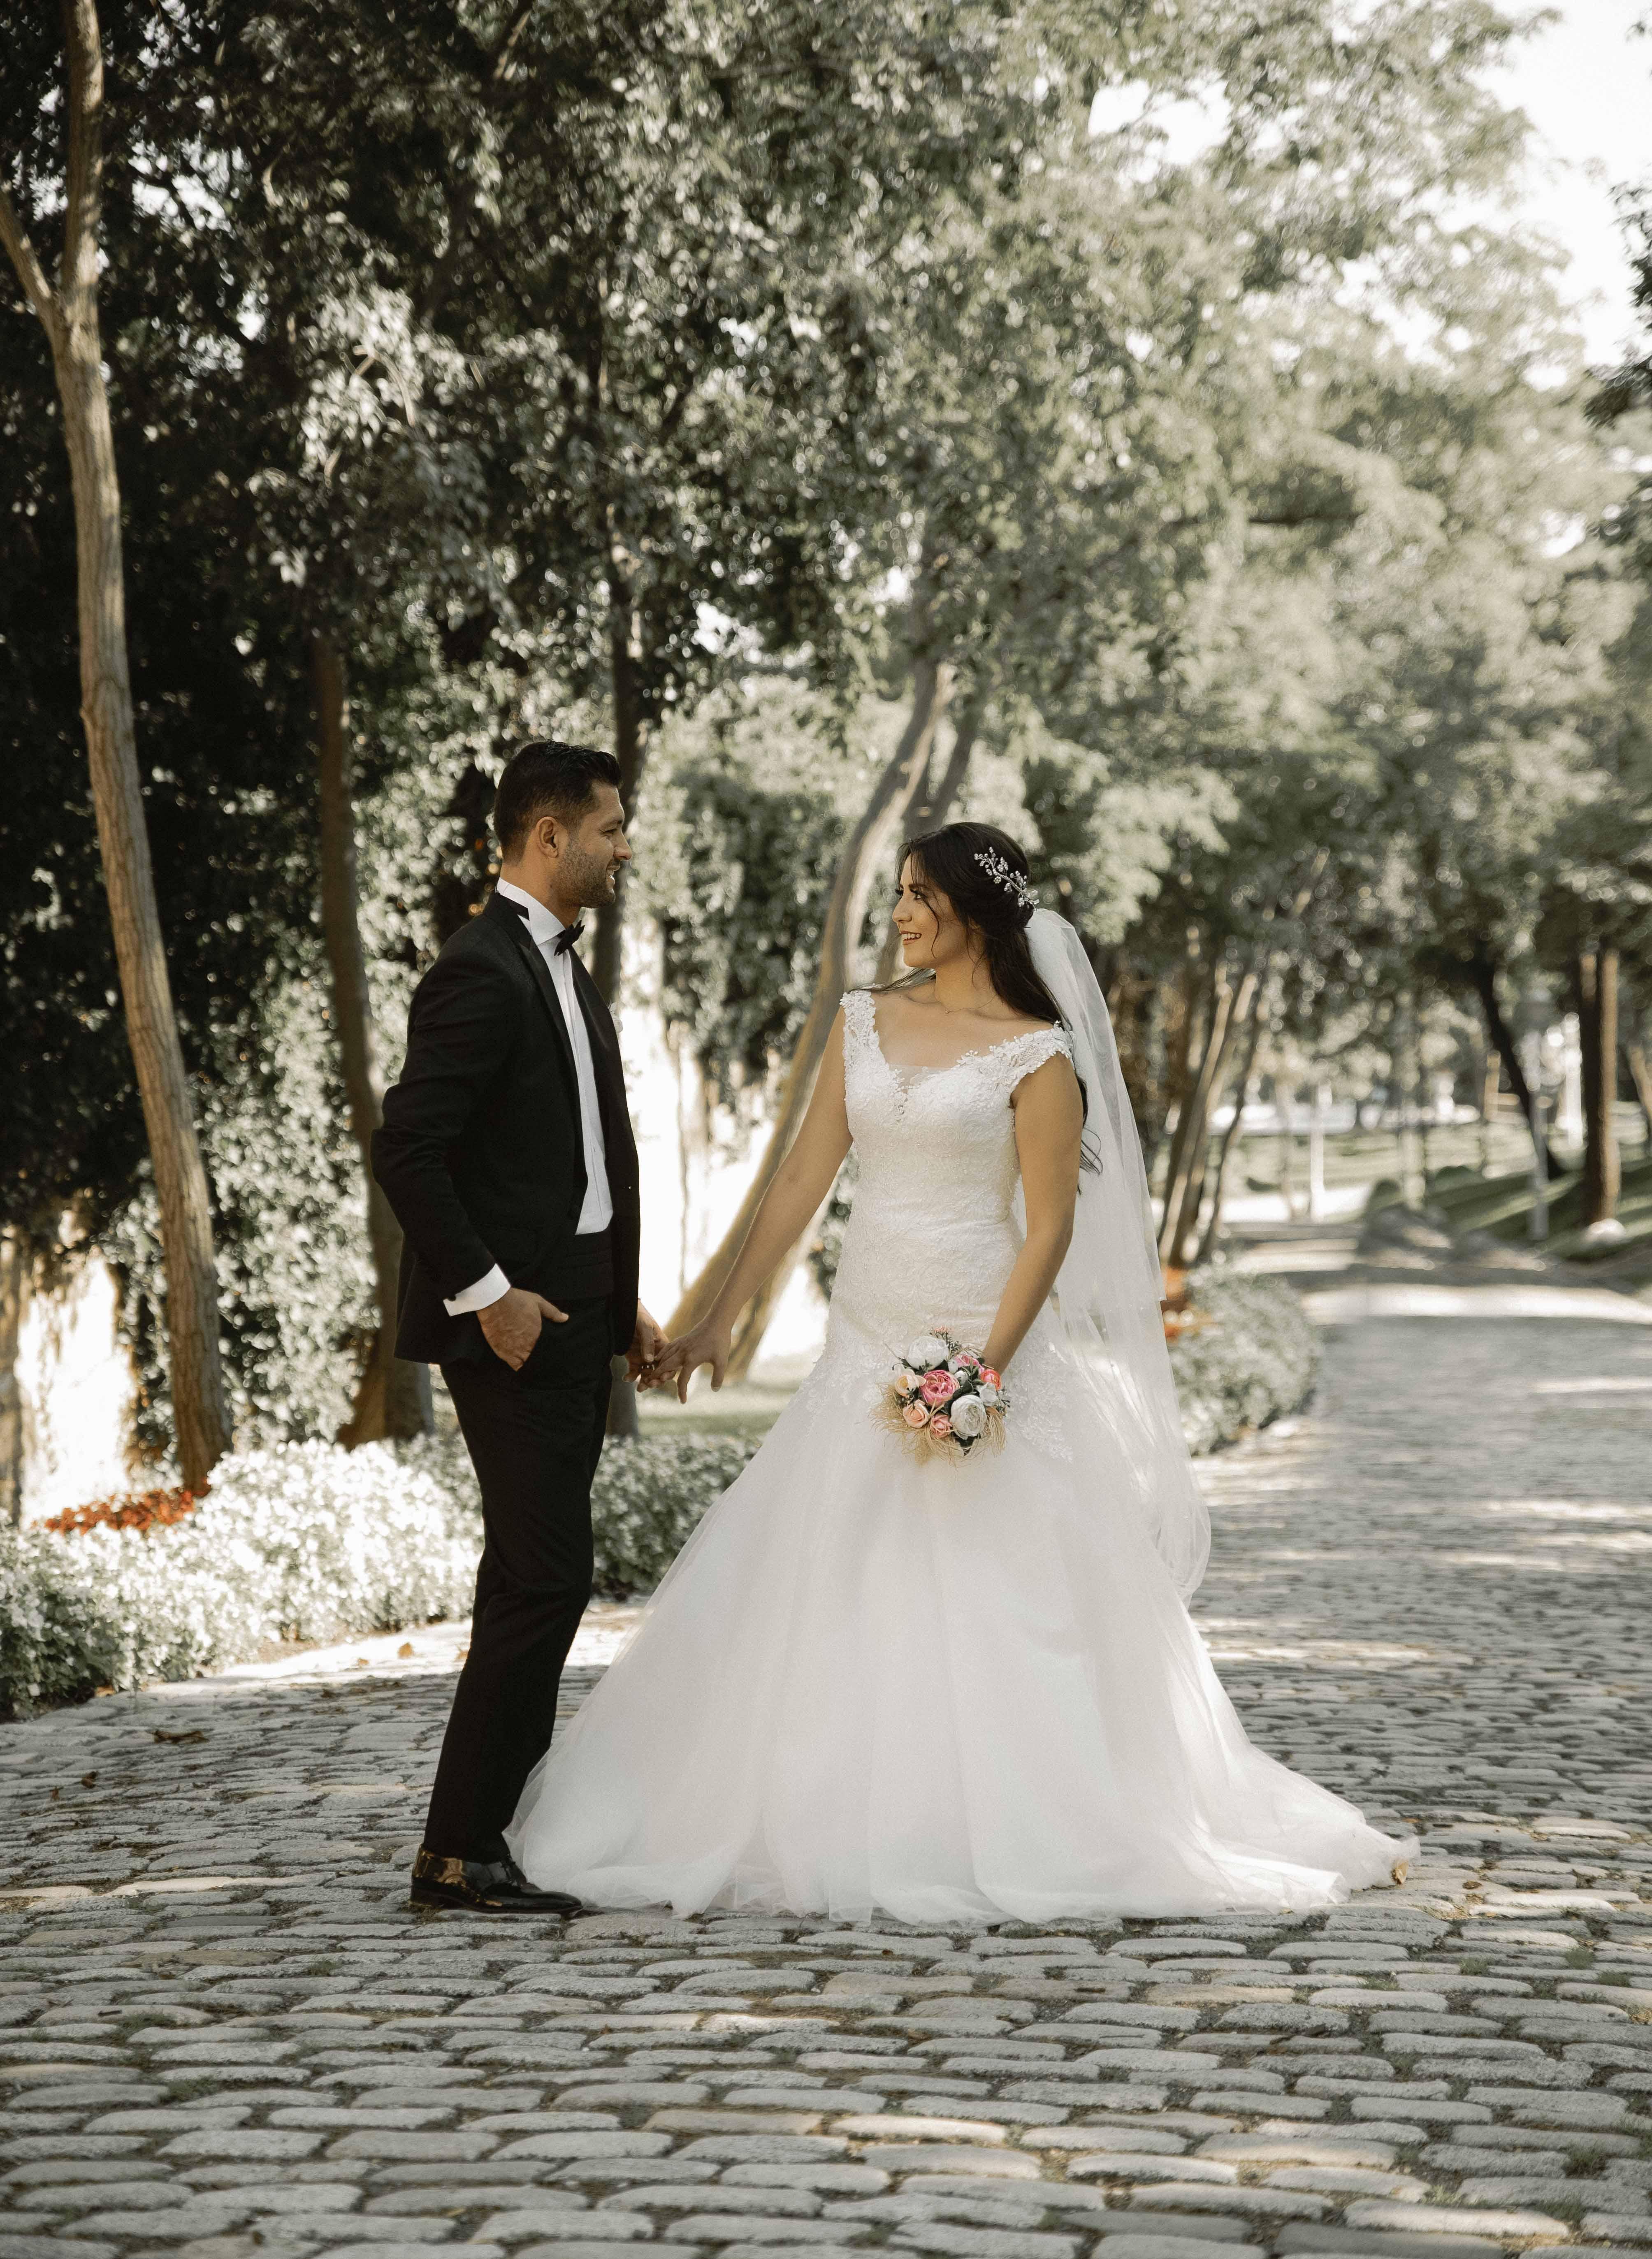 Yildiz parki düğün nişan fotoğraf çekimi